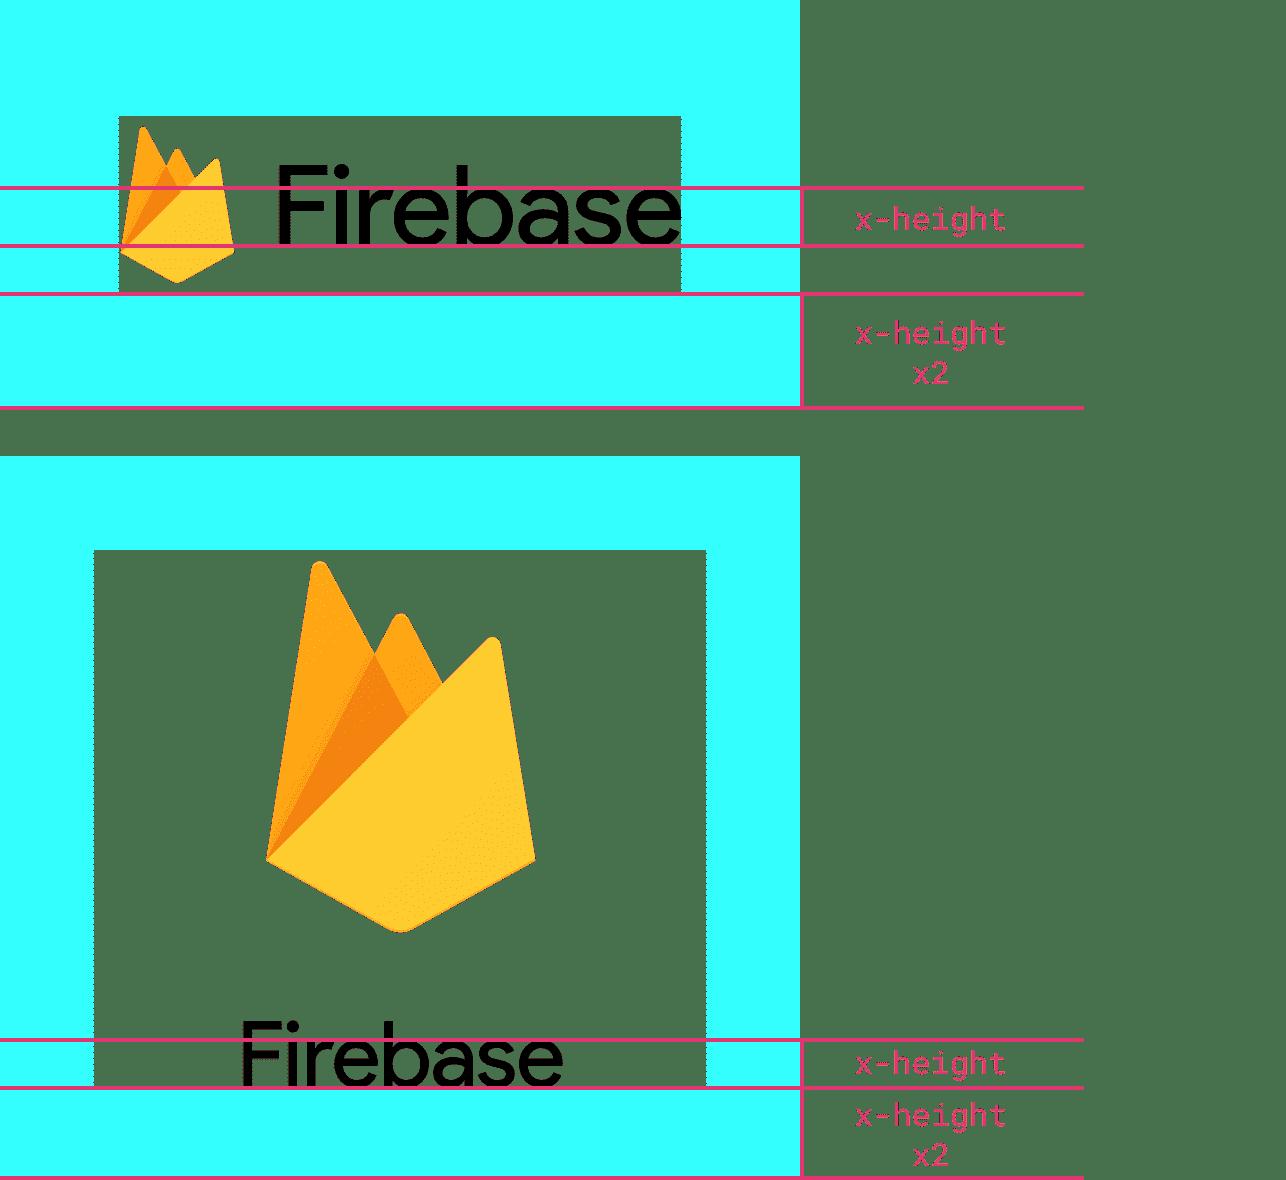 Exemples de logo Firebase avec au moins deux fois la hauteur du logo